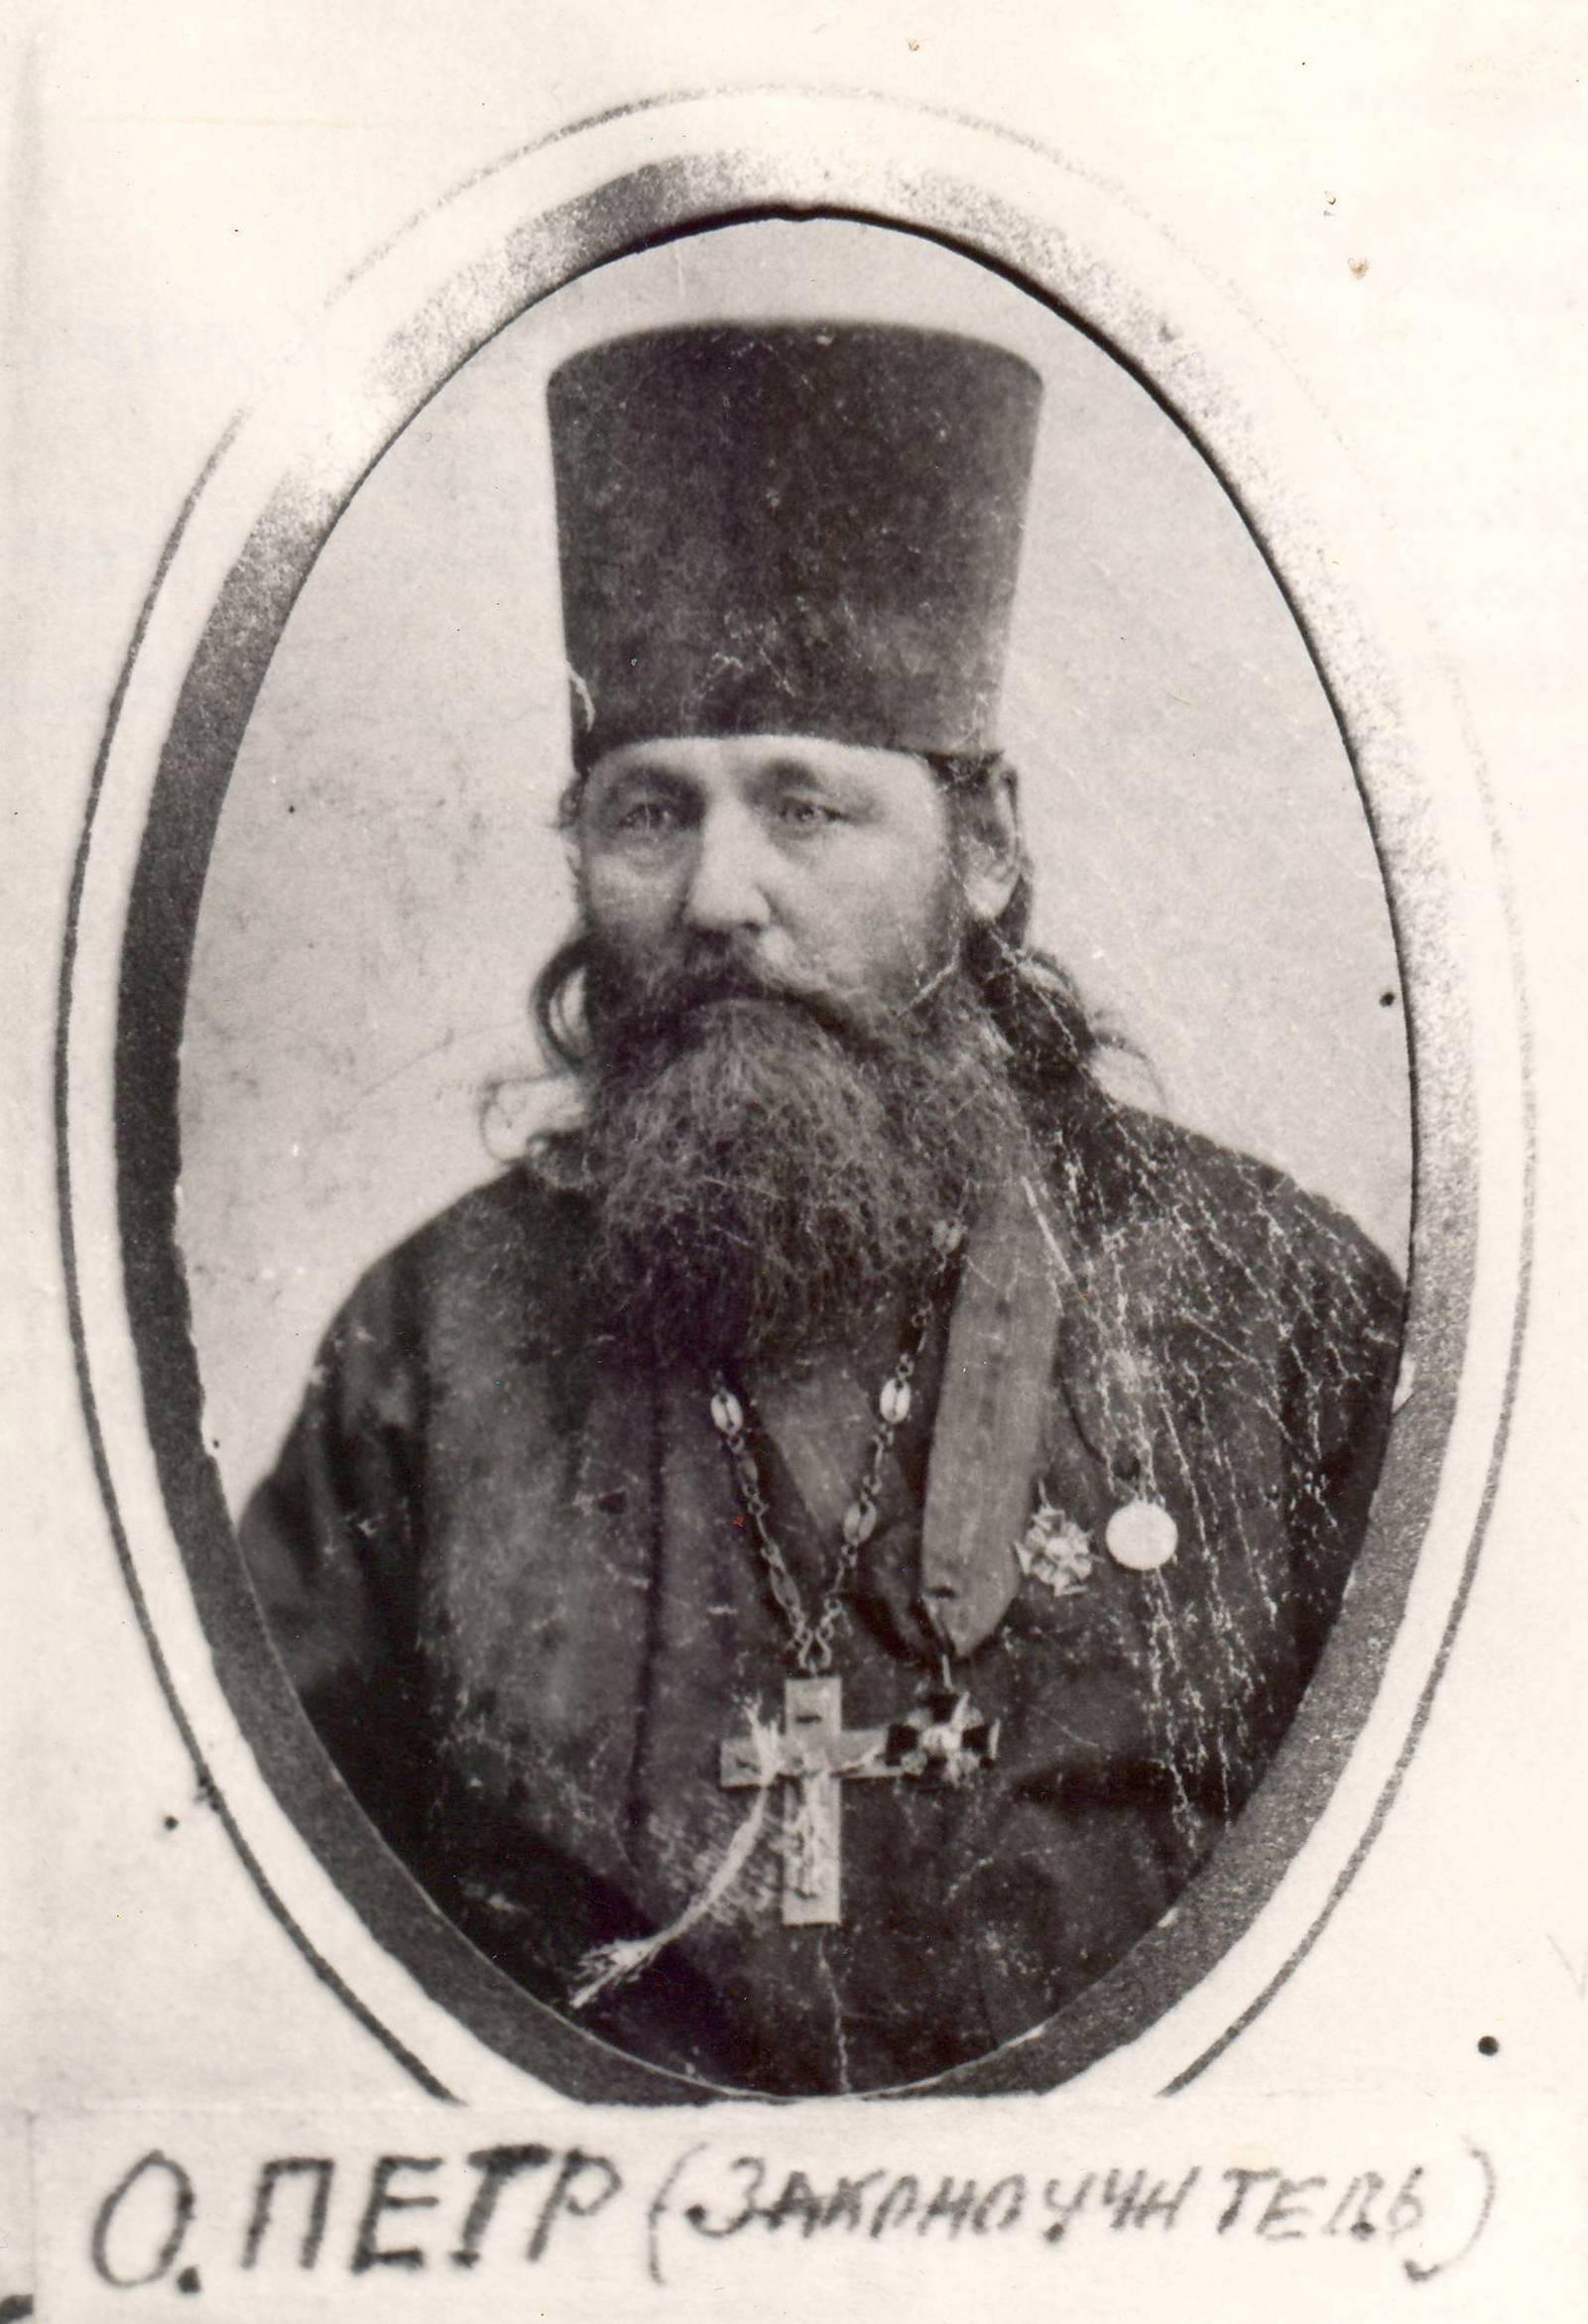 Отец Петр (законоучитель) (Сафонов Петр 1840-1926)